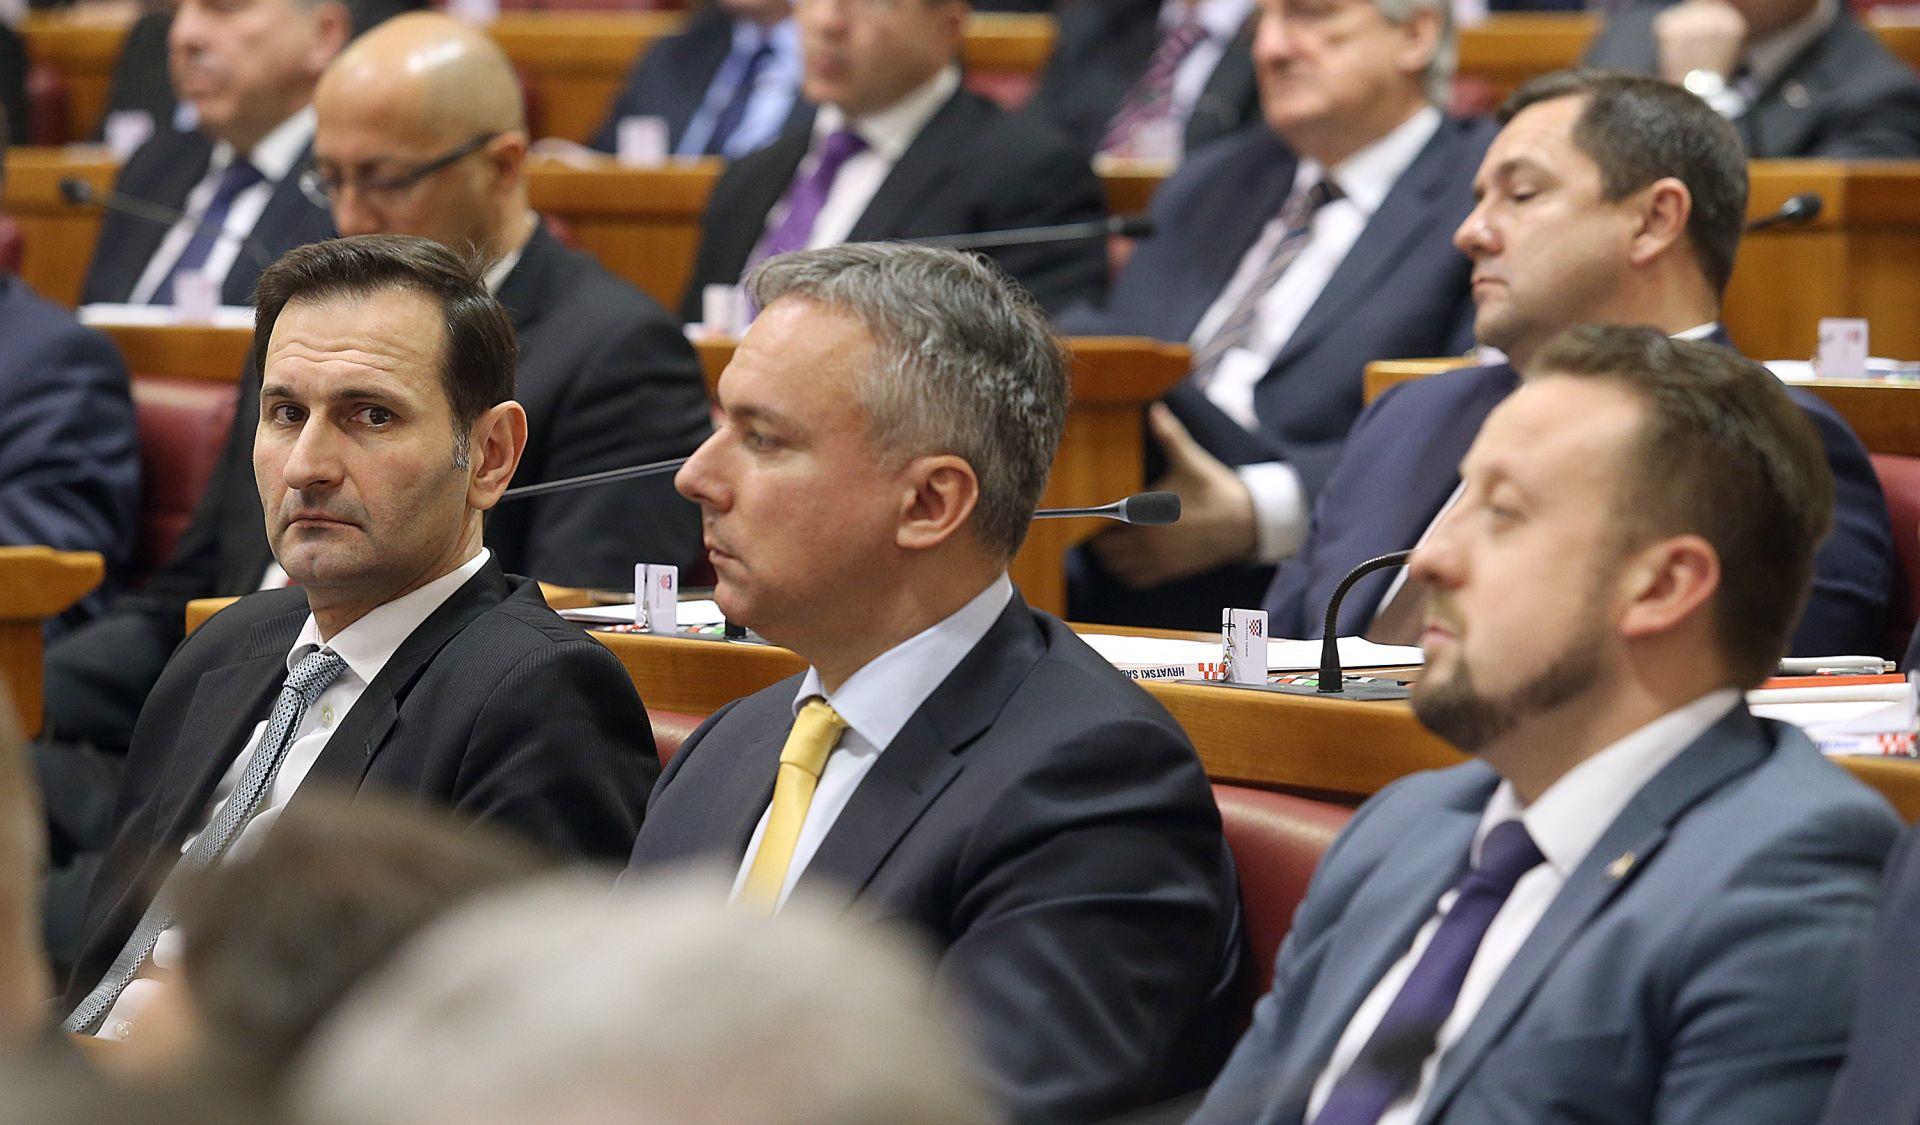 SASTAVLJANJE VLADE Darinko Kosor i Miro Kovač o procesu biranja ministara